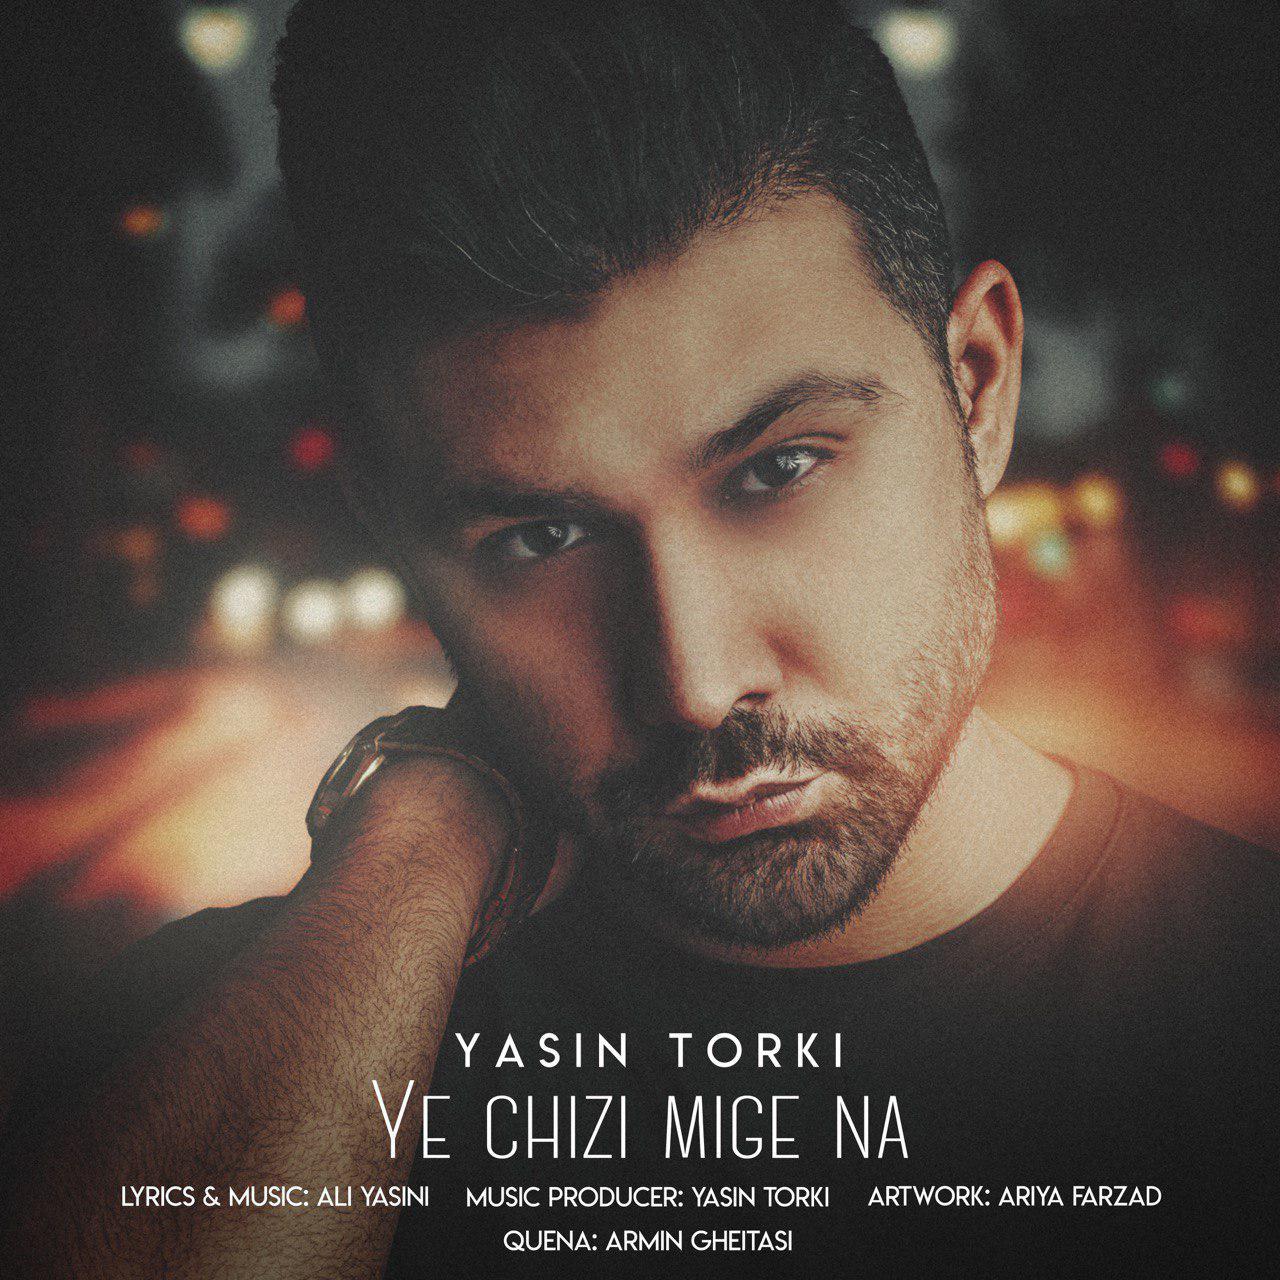 دانلود آهنگ یه چیزی میگه نه از یاسین ترکی